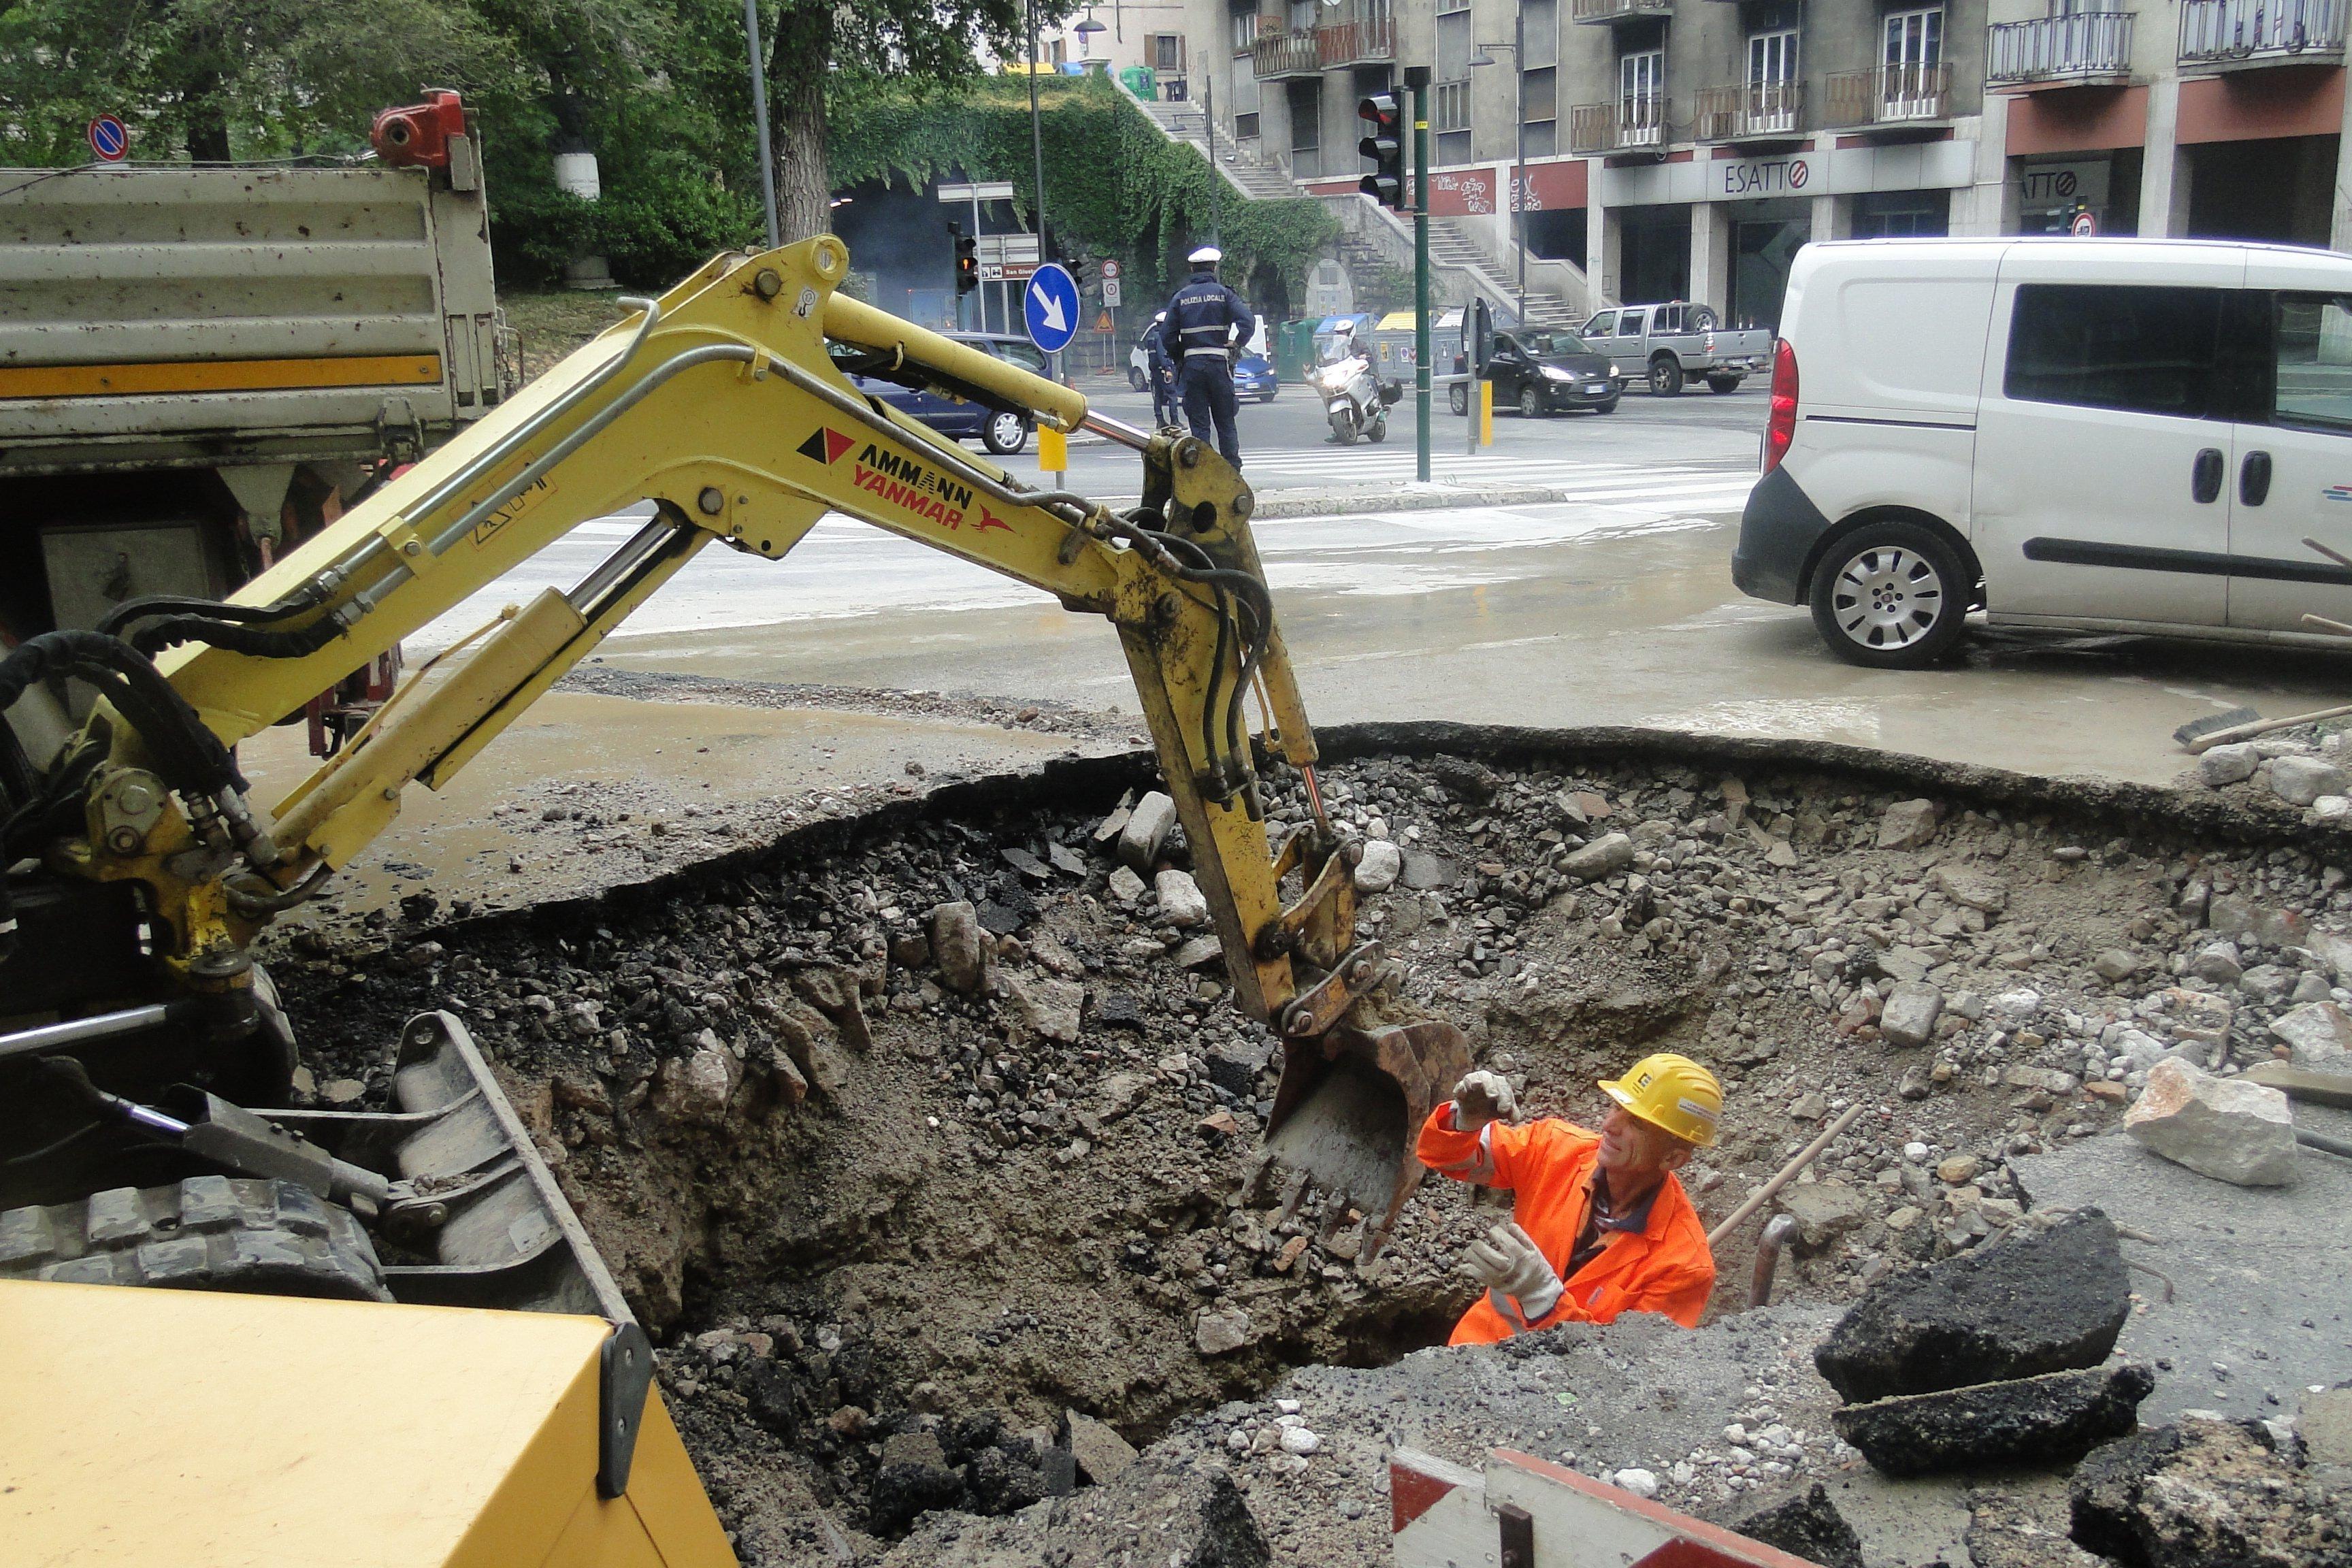 Geyser in piazza sansovino tecnici al lavoro per riparare for Mobilia trieste piazza sansovino